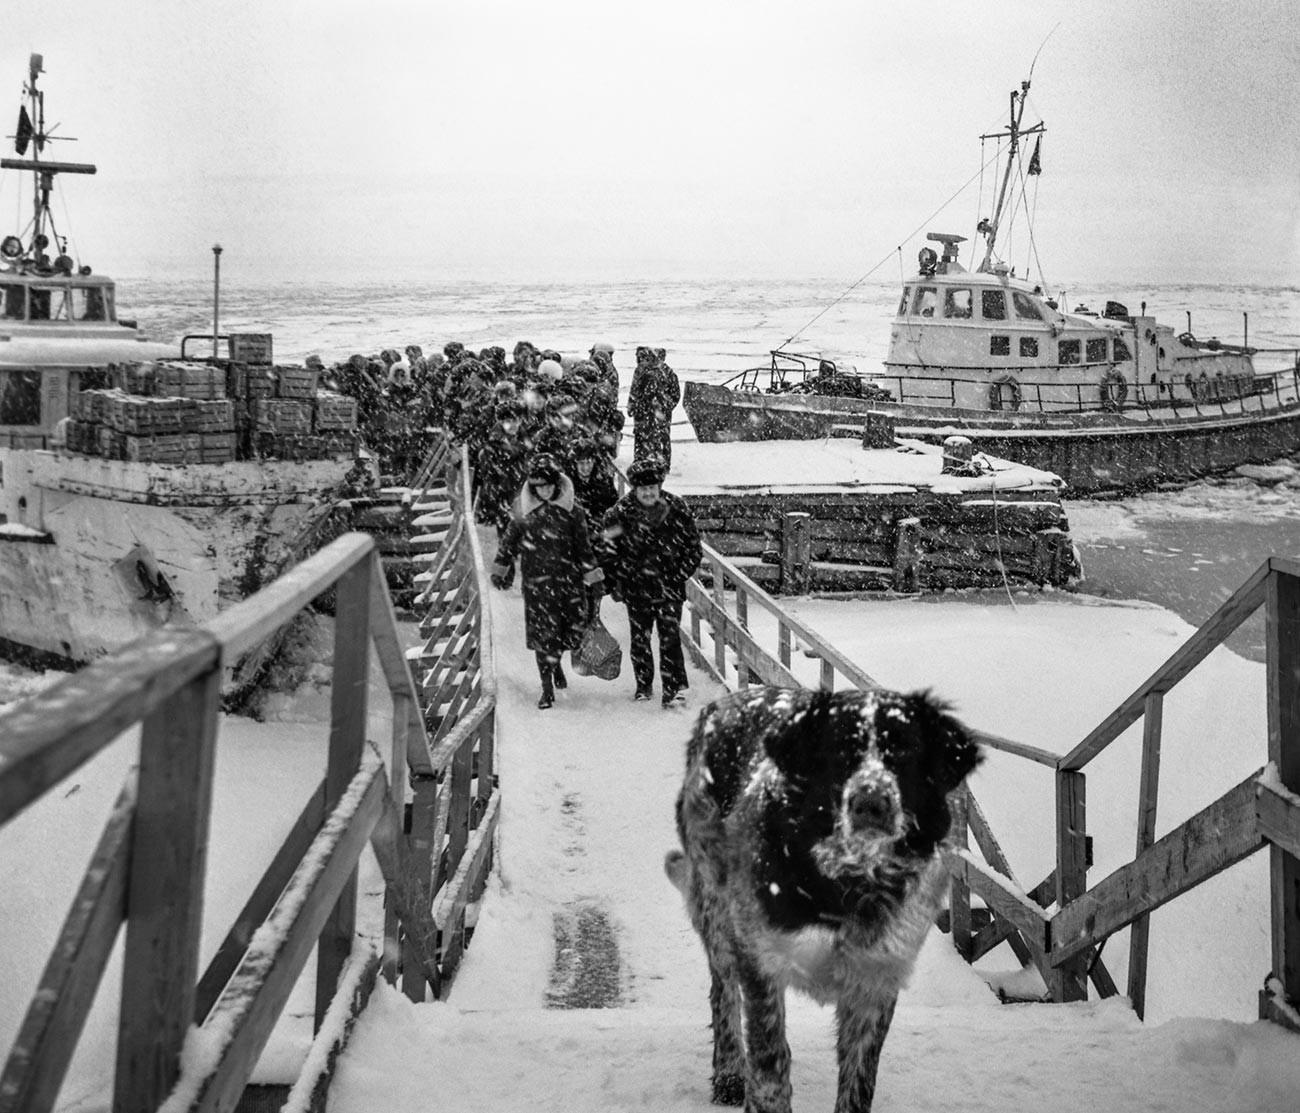 Диксон, Краснојарски крај, септембар 1980. Снег на пристаништу насеља Диксон.